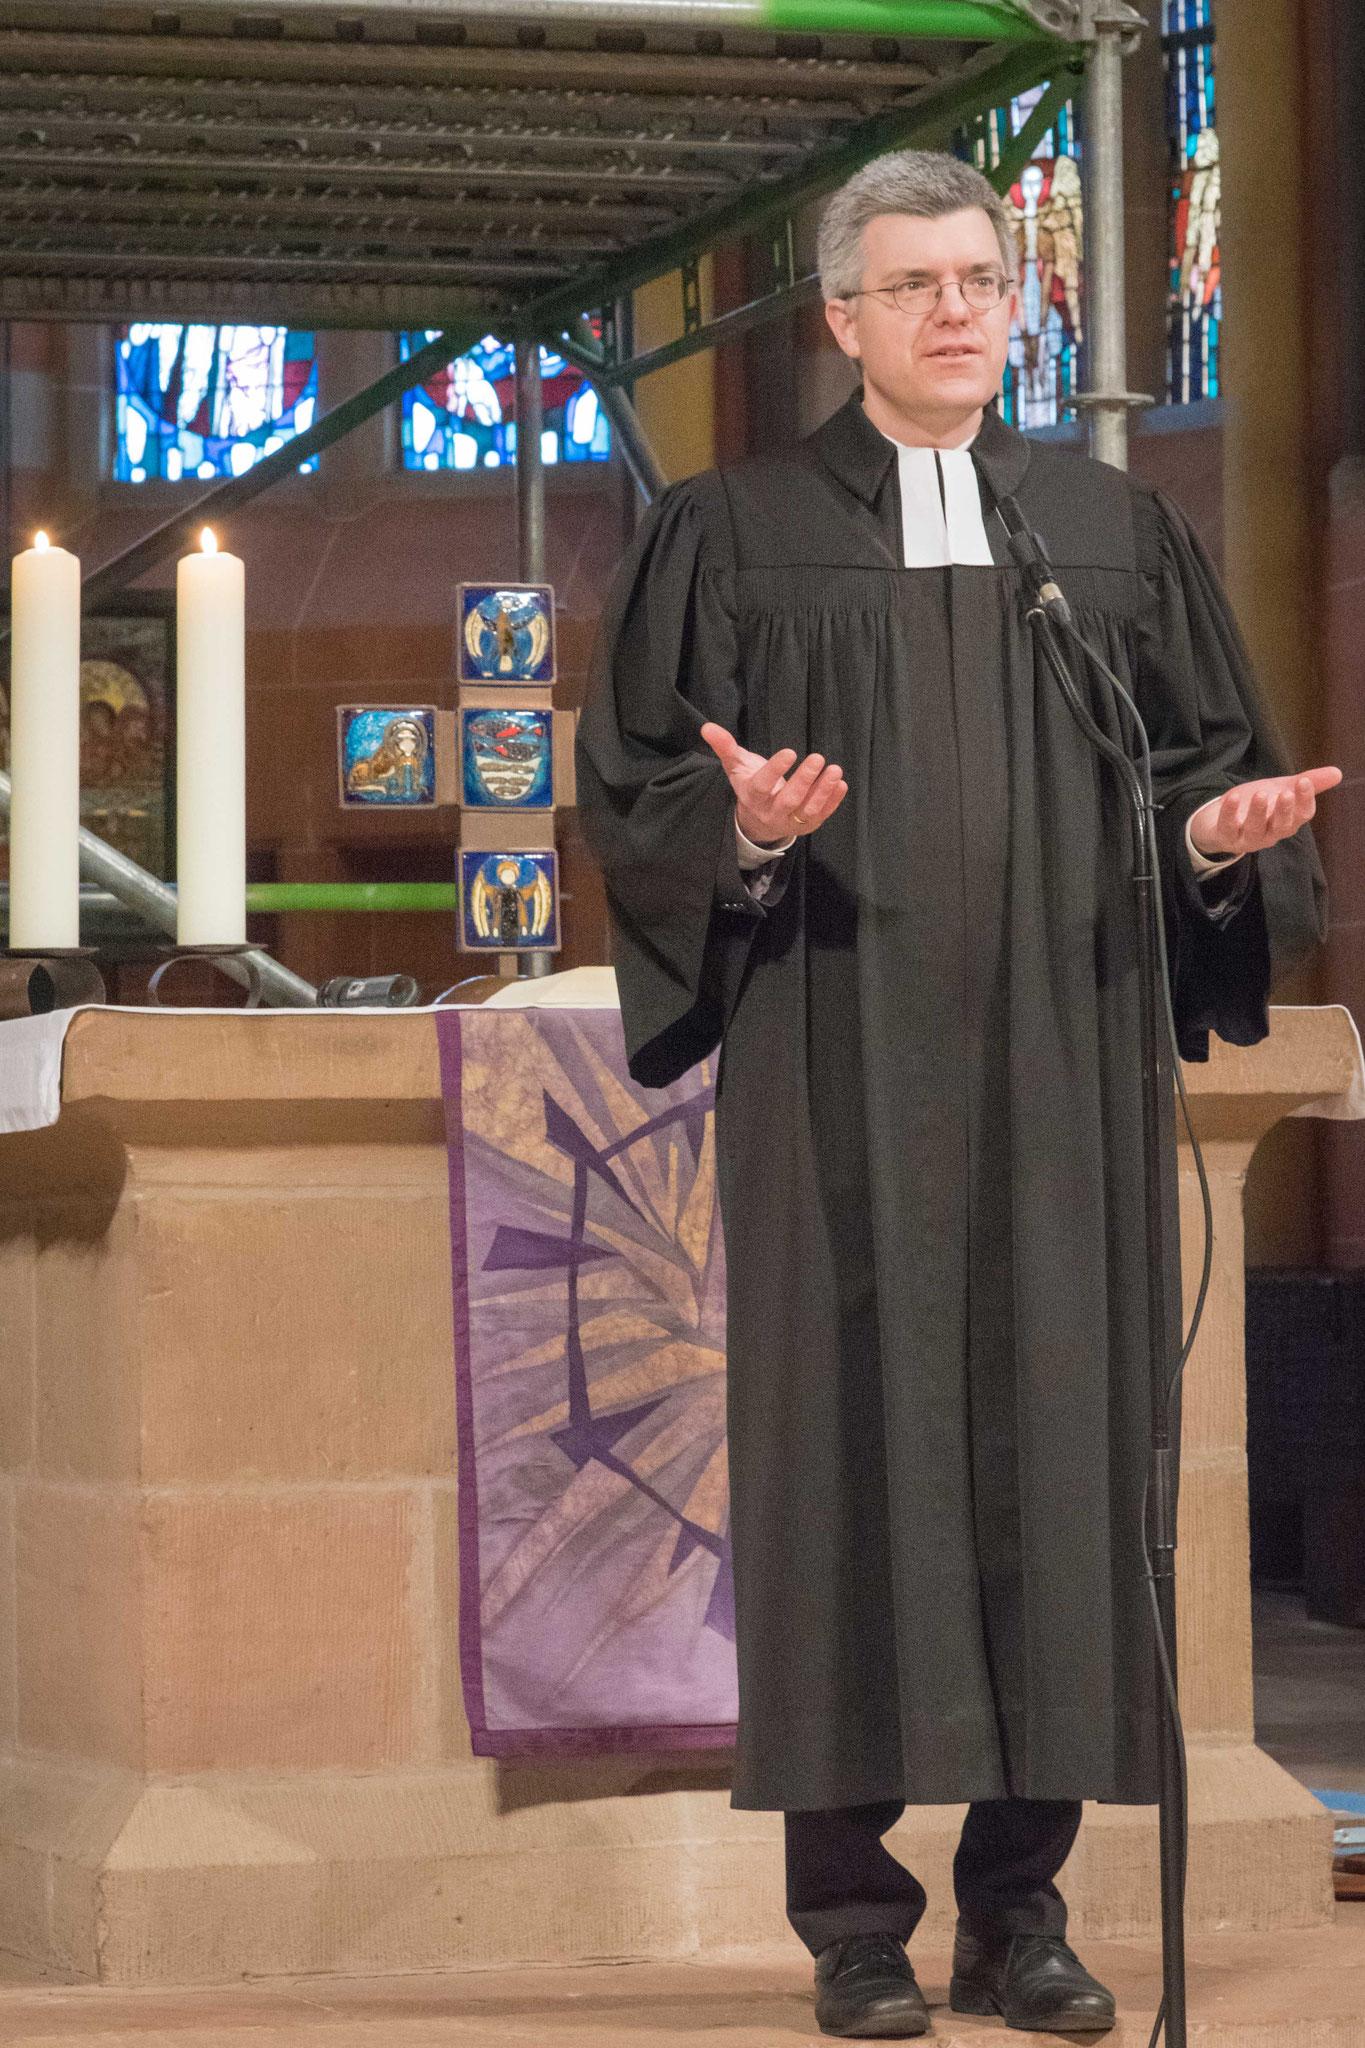 Pfarrer Dr. Matthias Franz begrüßte die Gemeinde und gestaltete die Liturgie